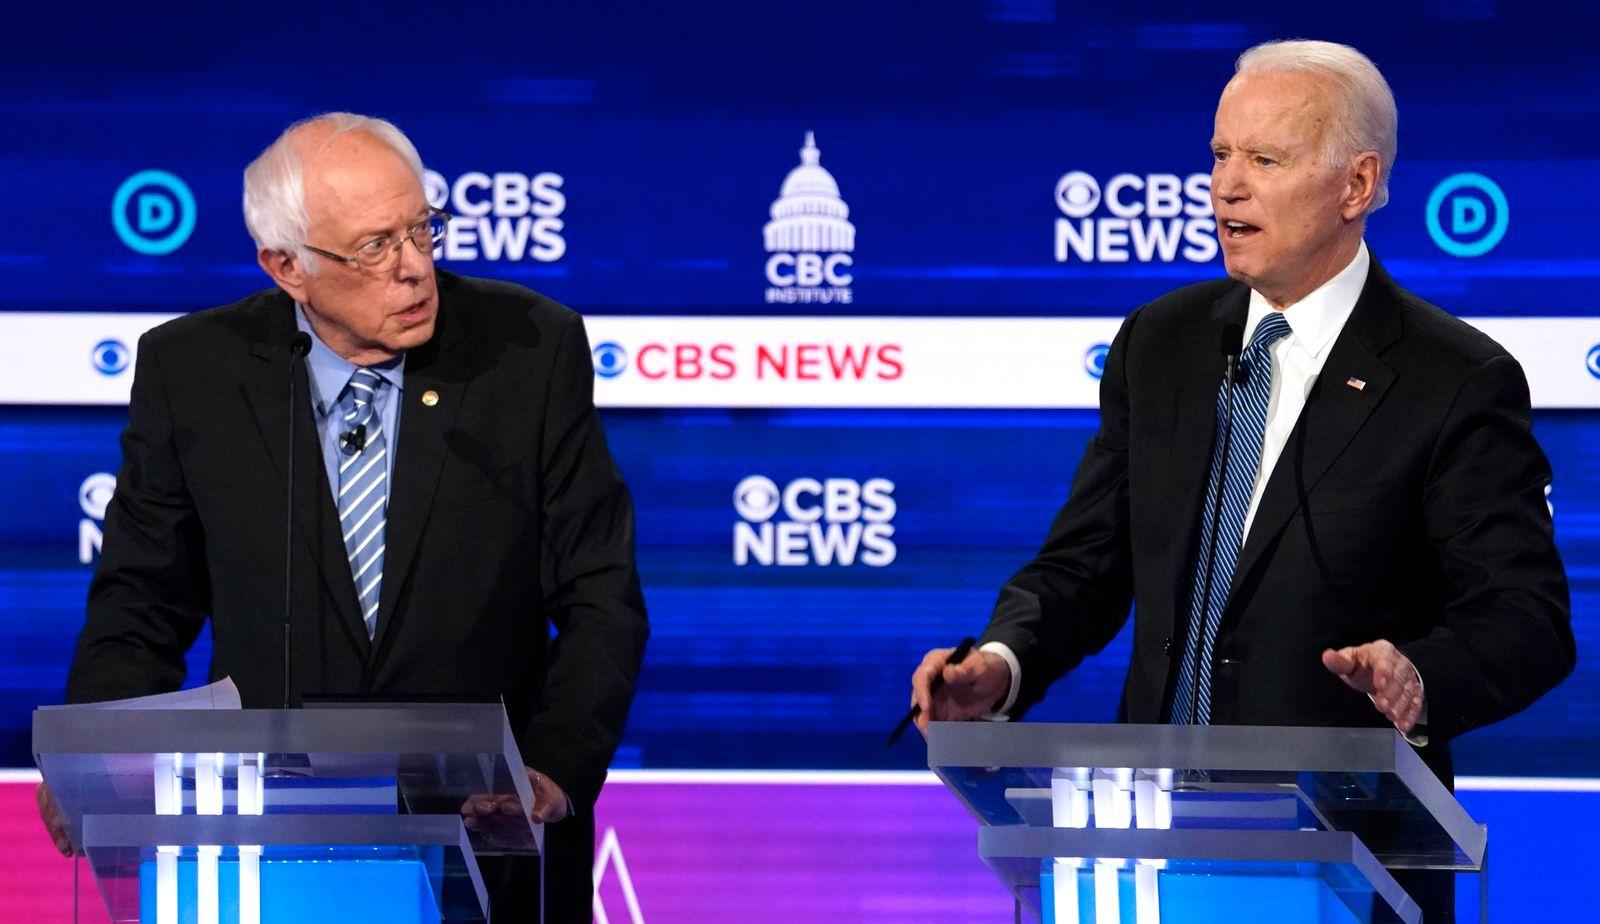 Bernie Sanders / Joe Biden